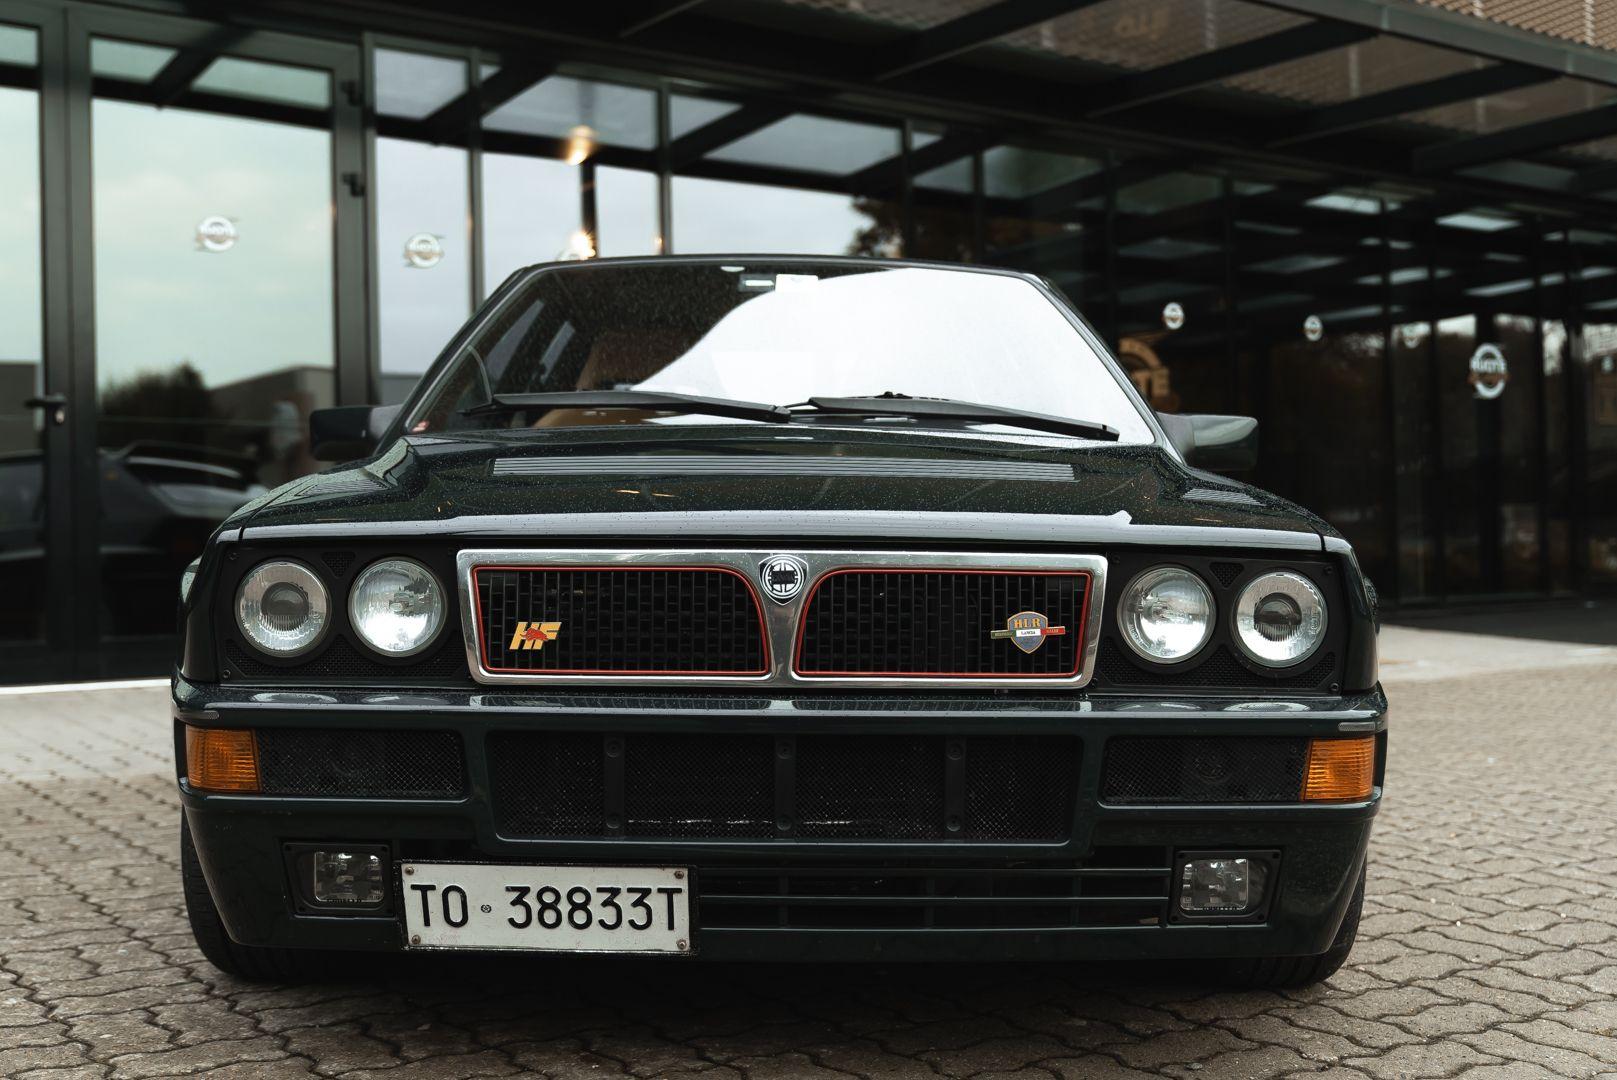 1992 Lancia Delta HF Integrale 16V Evo 1 - 79/250 84797